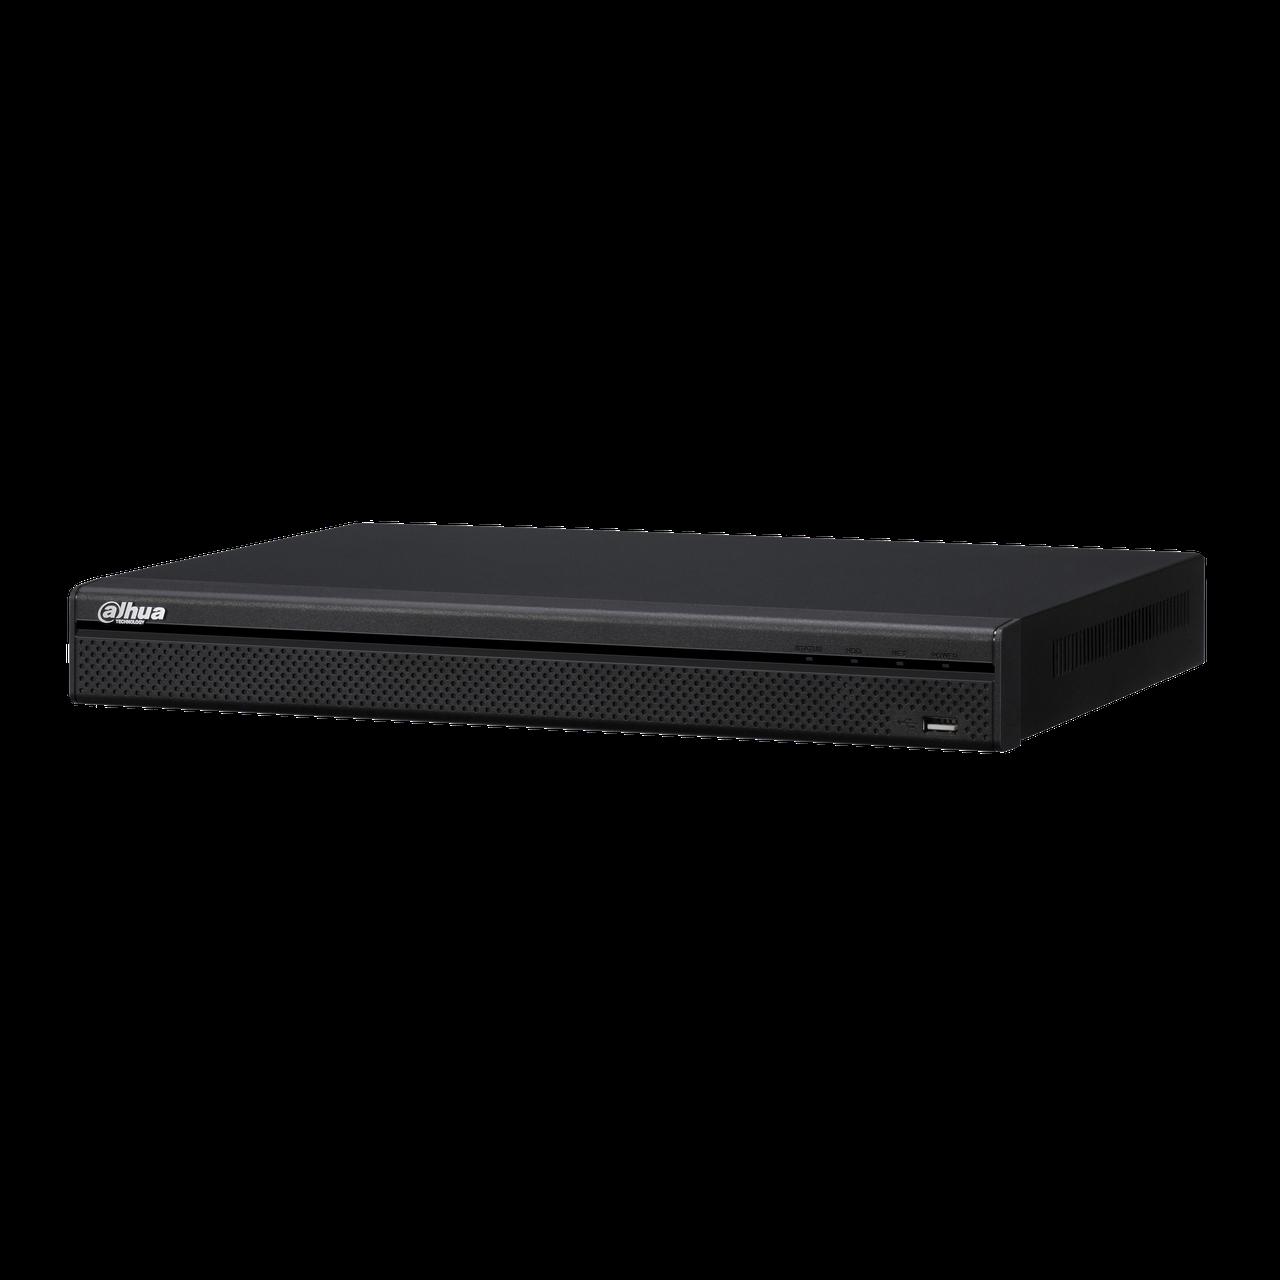 Видеорегистратор NVR5832-4KS2